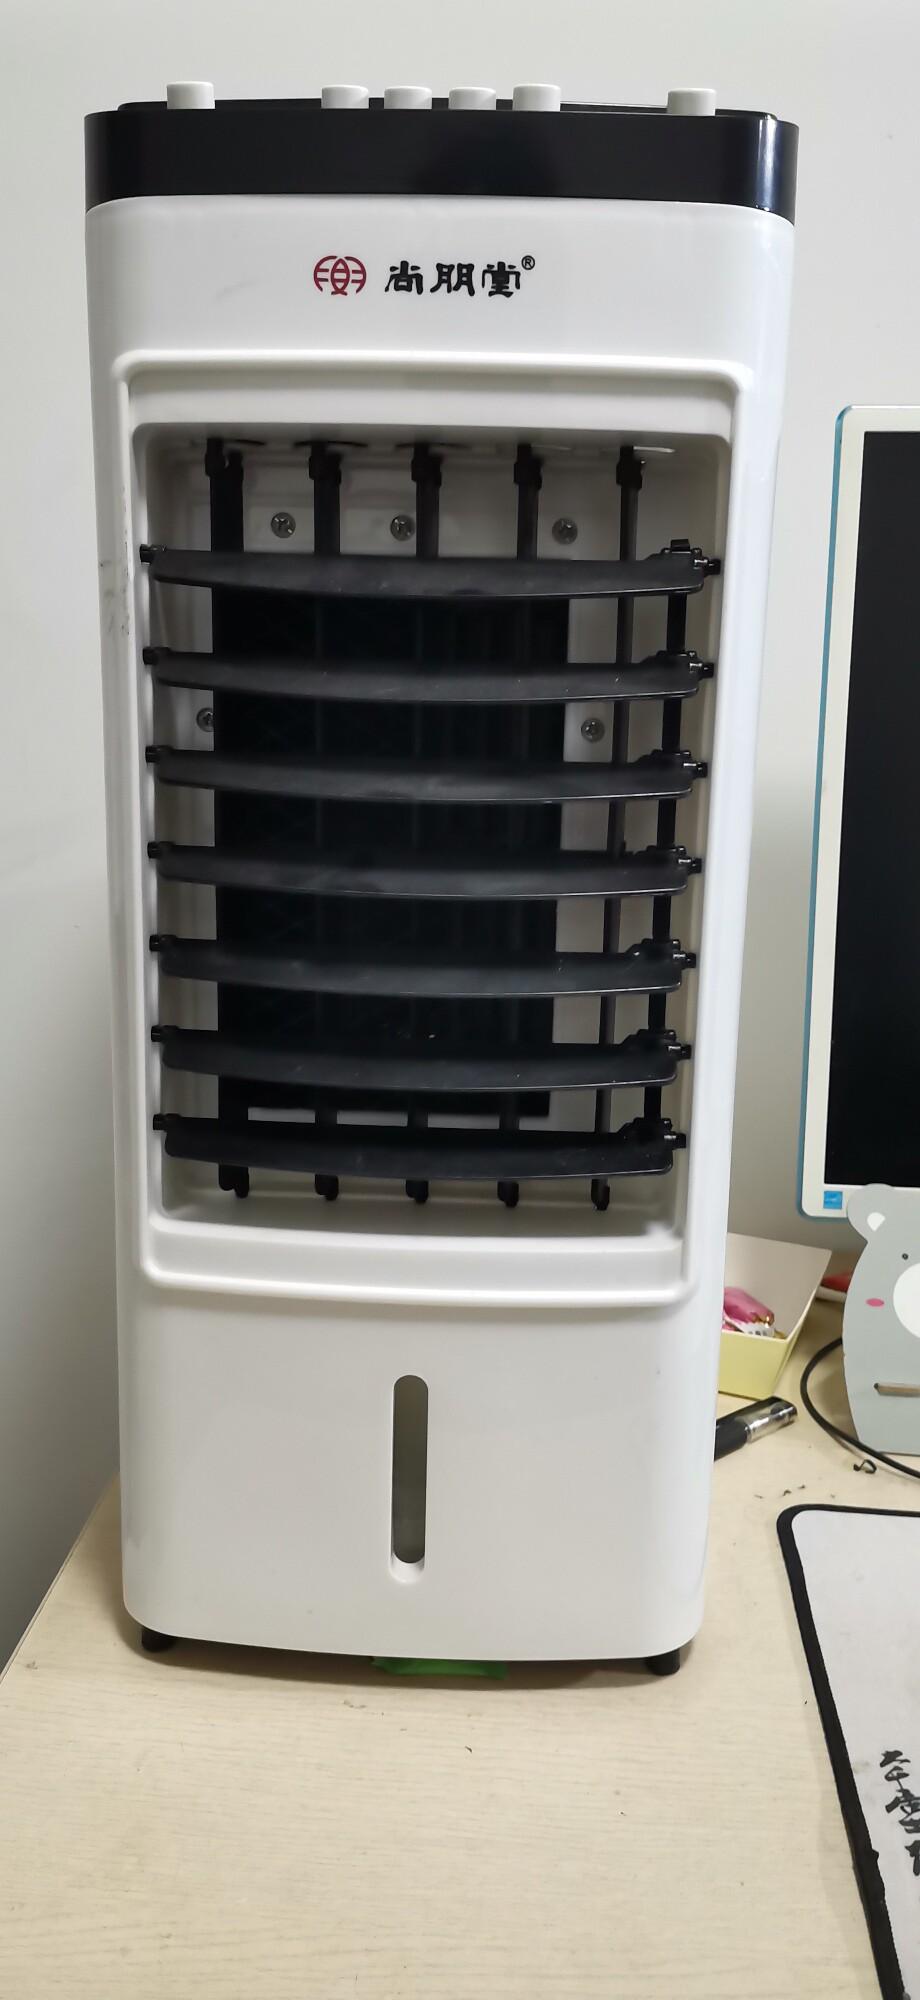 制冷风扇99元入手,40出。